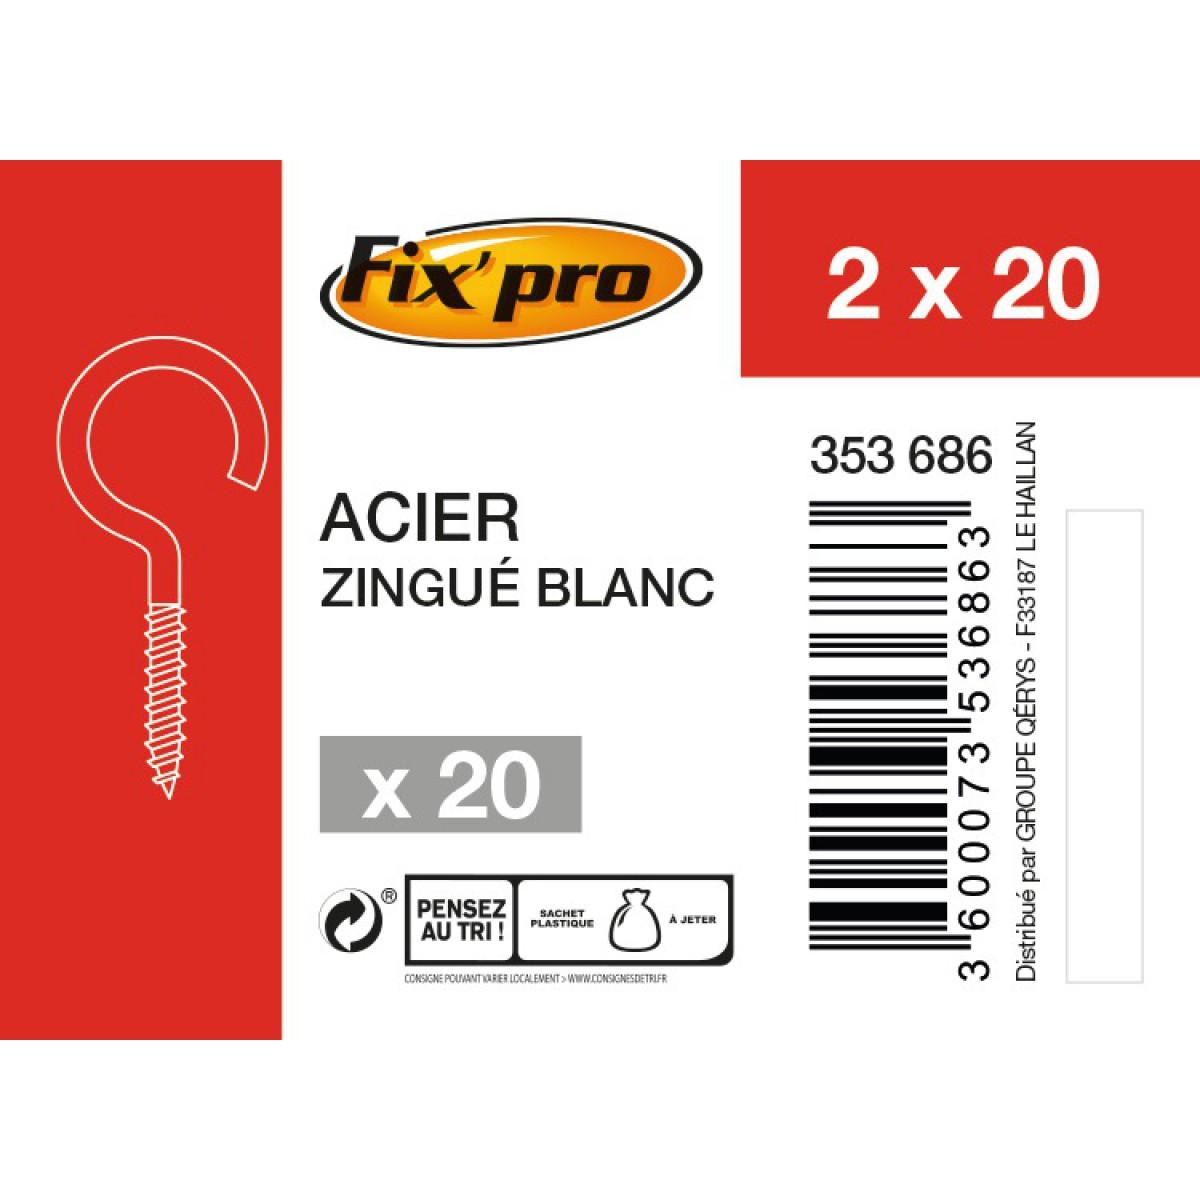 Crochet à visser acier zingué - 2x20 - 20pces - Fixpro